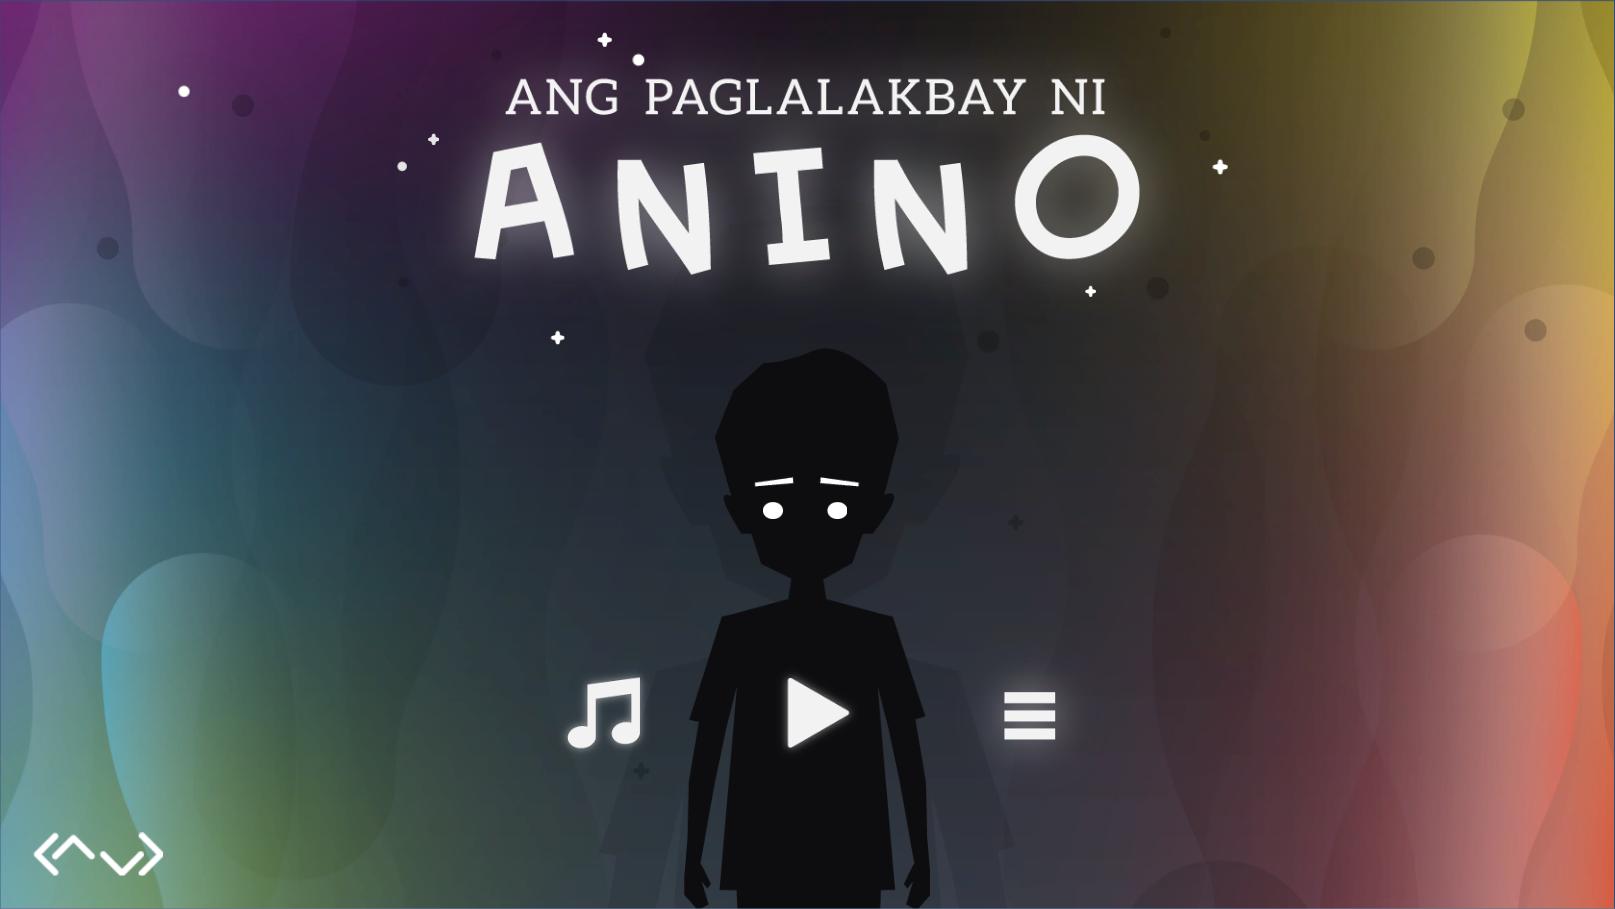 Ang Paglalakbay ni Anino